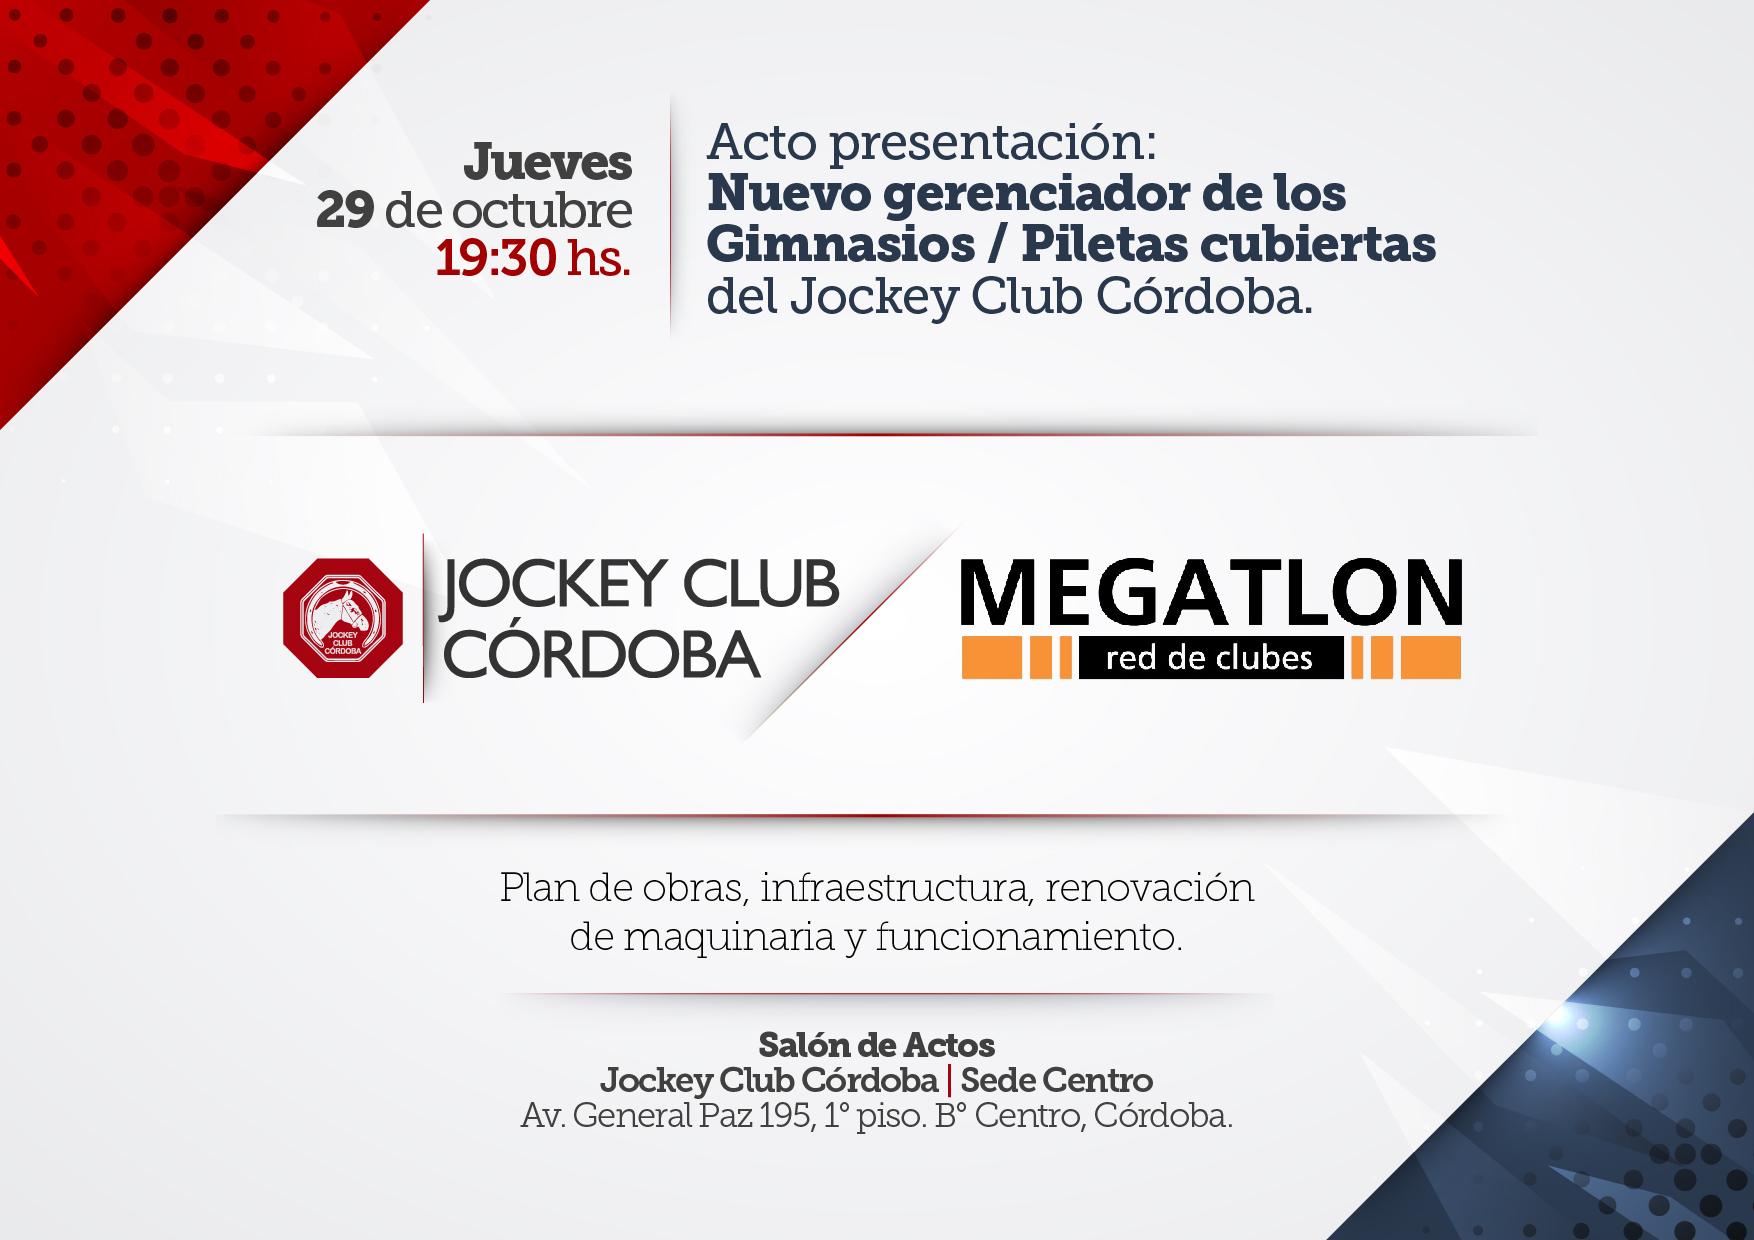 Jockey-Megatlon-ActoPresentacion-03-03